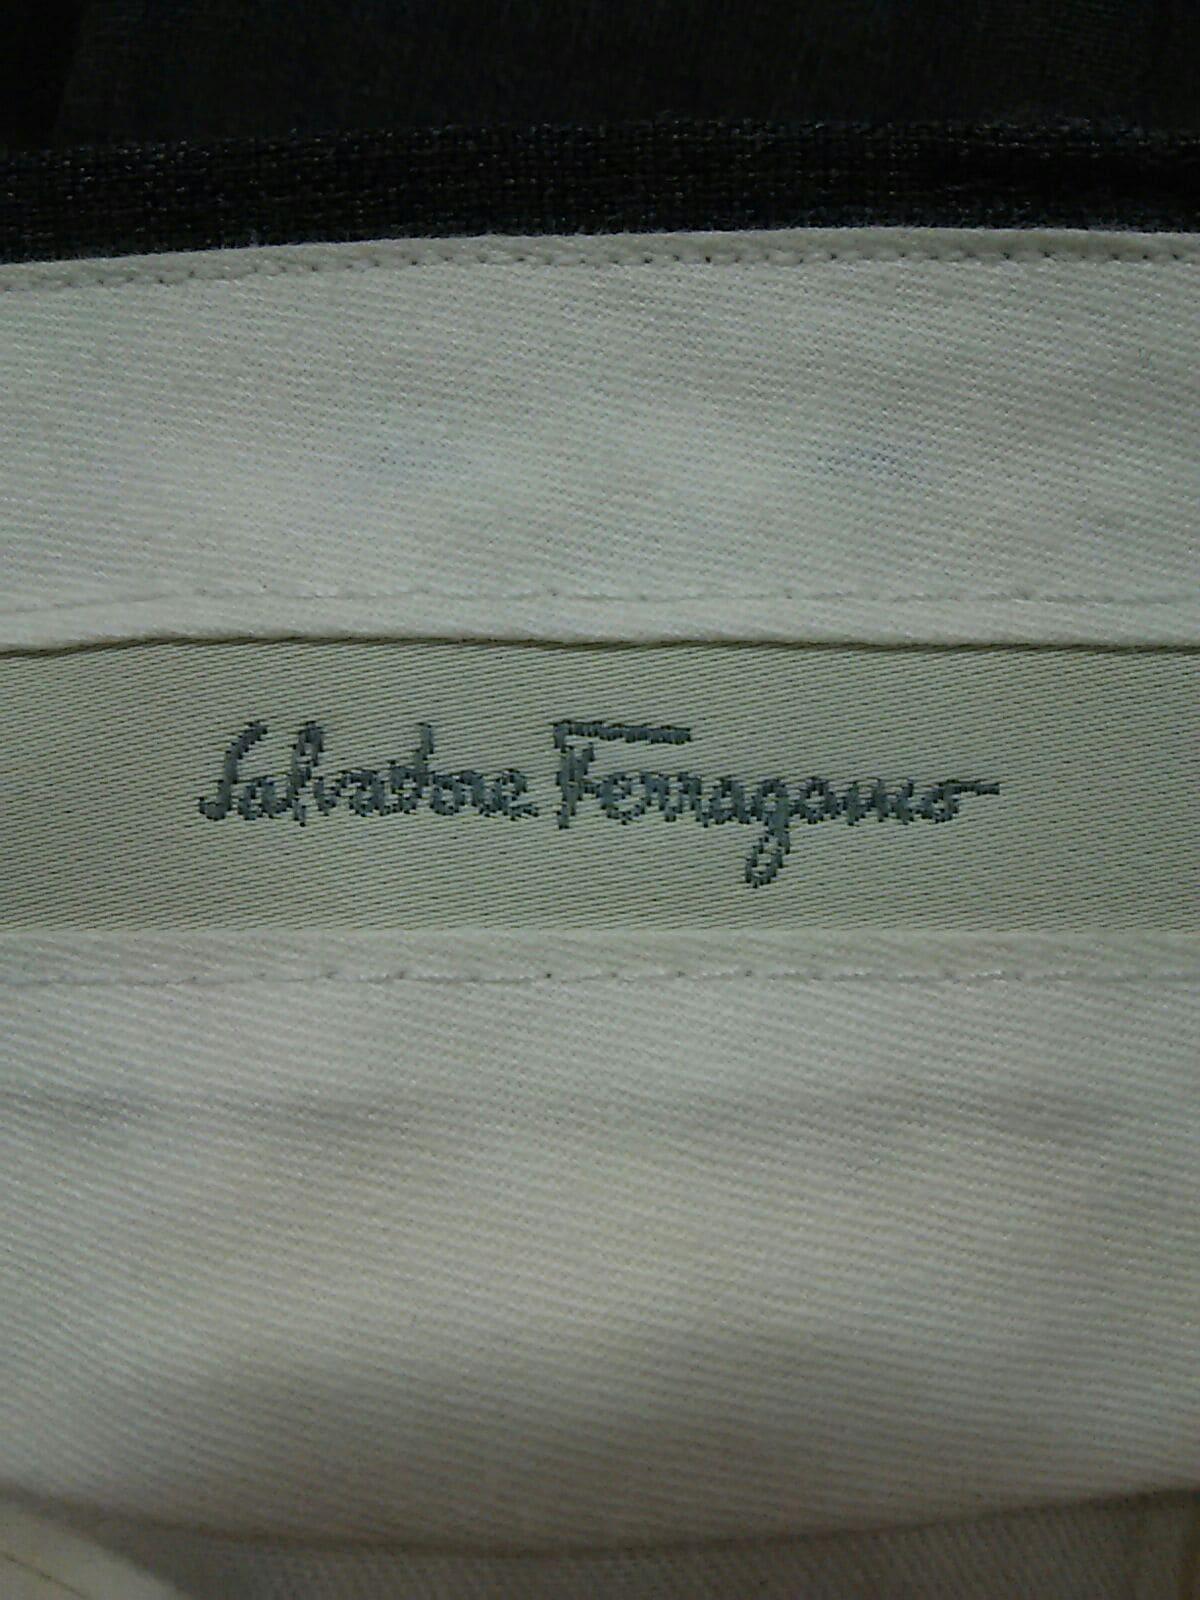 SalvatoreFerragamo(サルバトーレフェラガモ)のパンツ